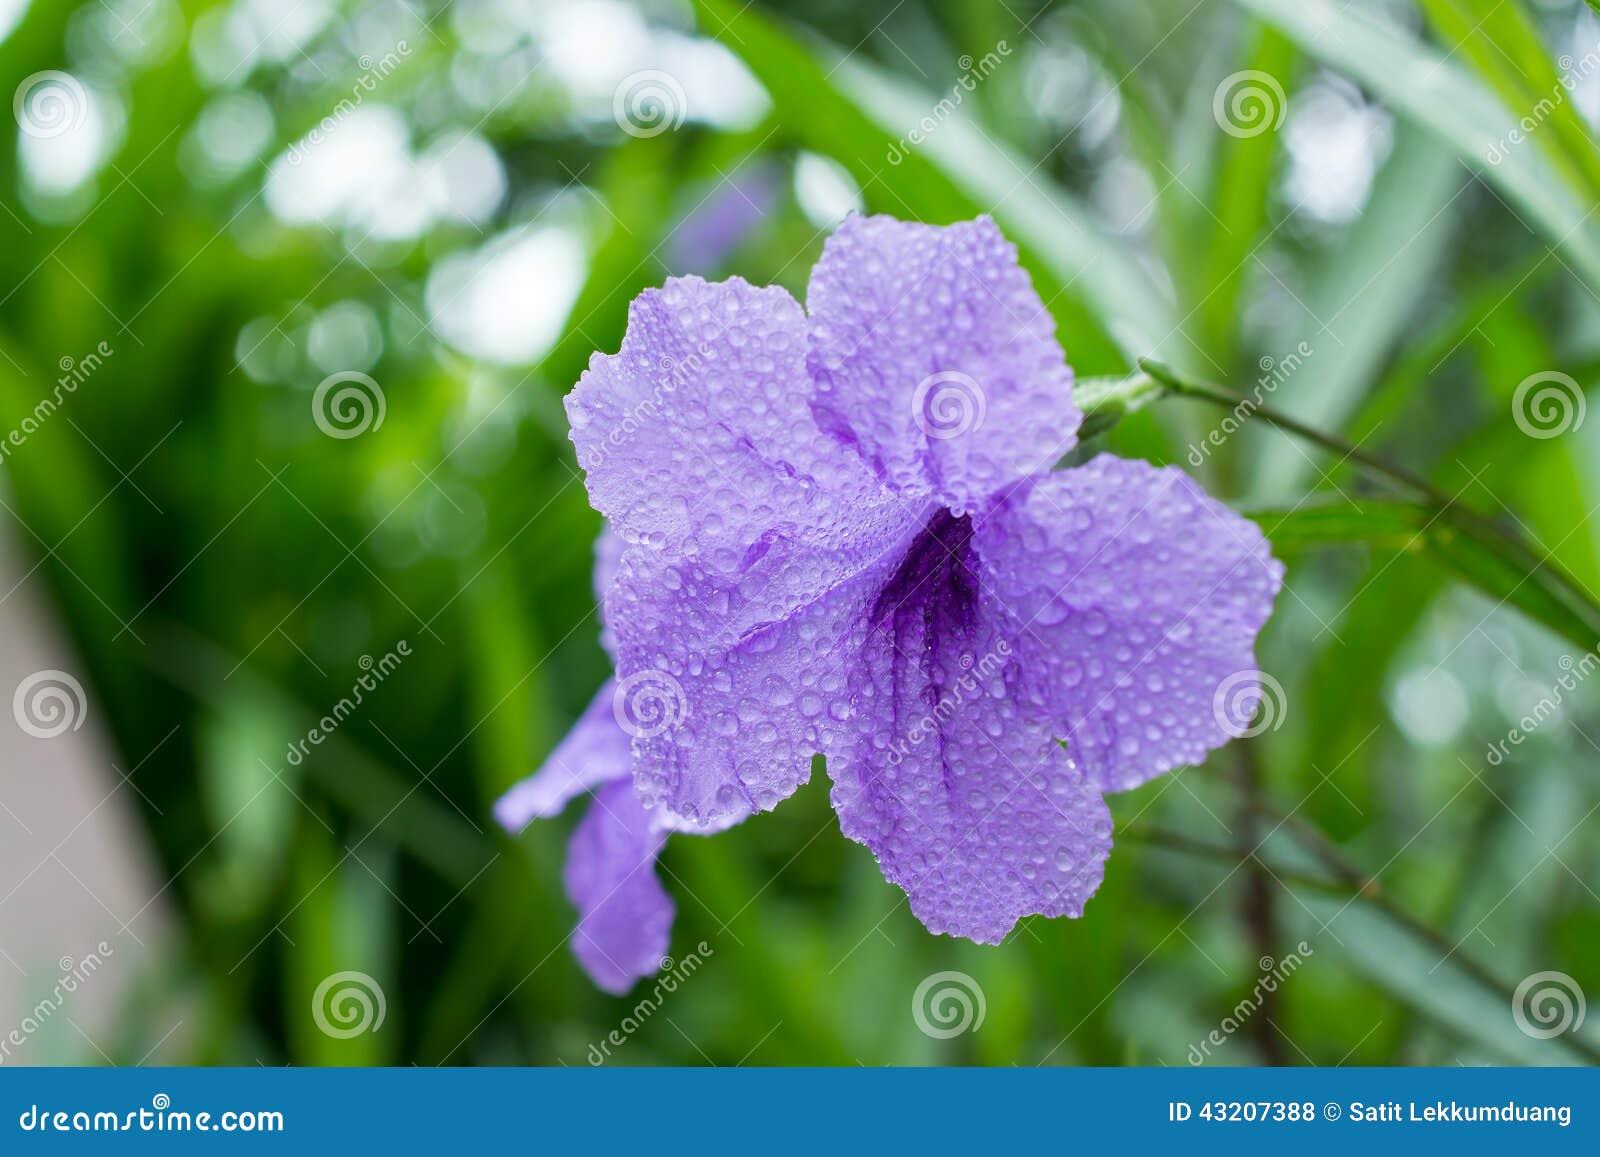 Download TOIS blommor arkivfoto. Bild av horisontal, leaf, blodsugare - 43207388